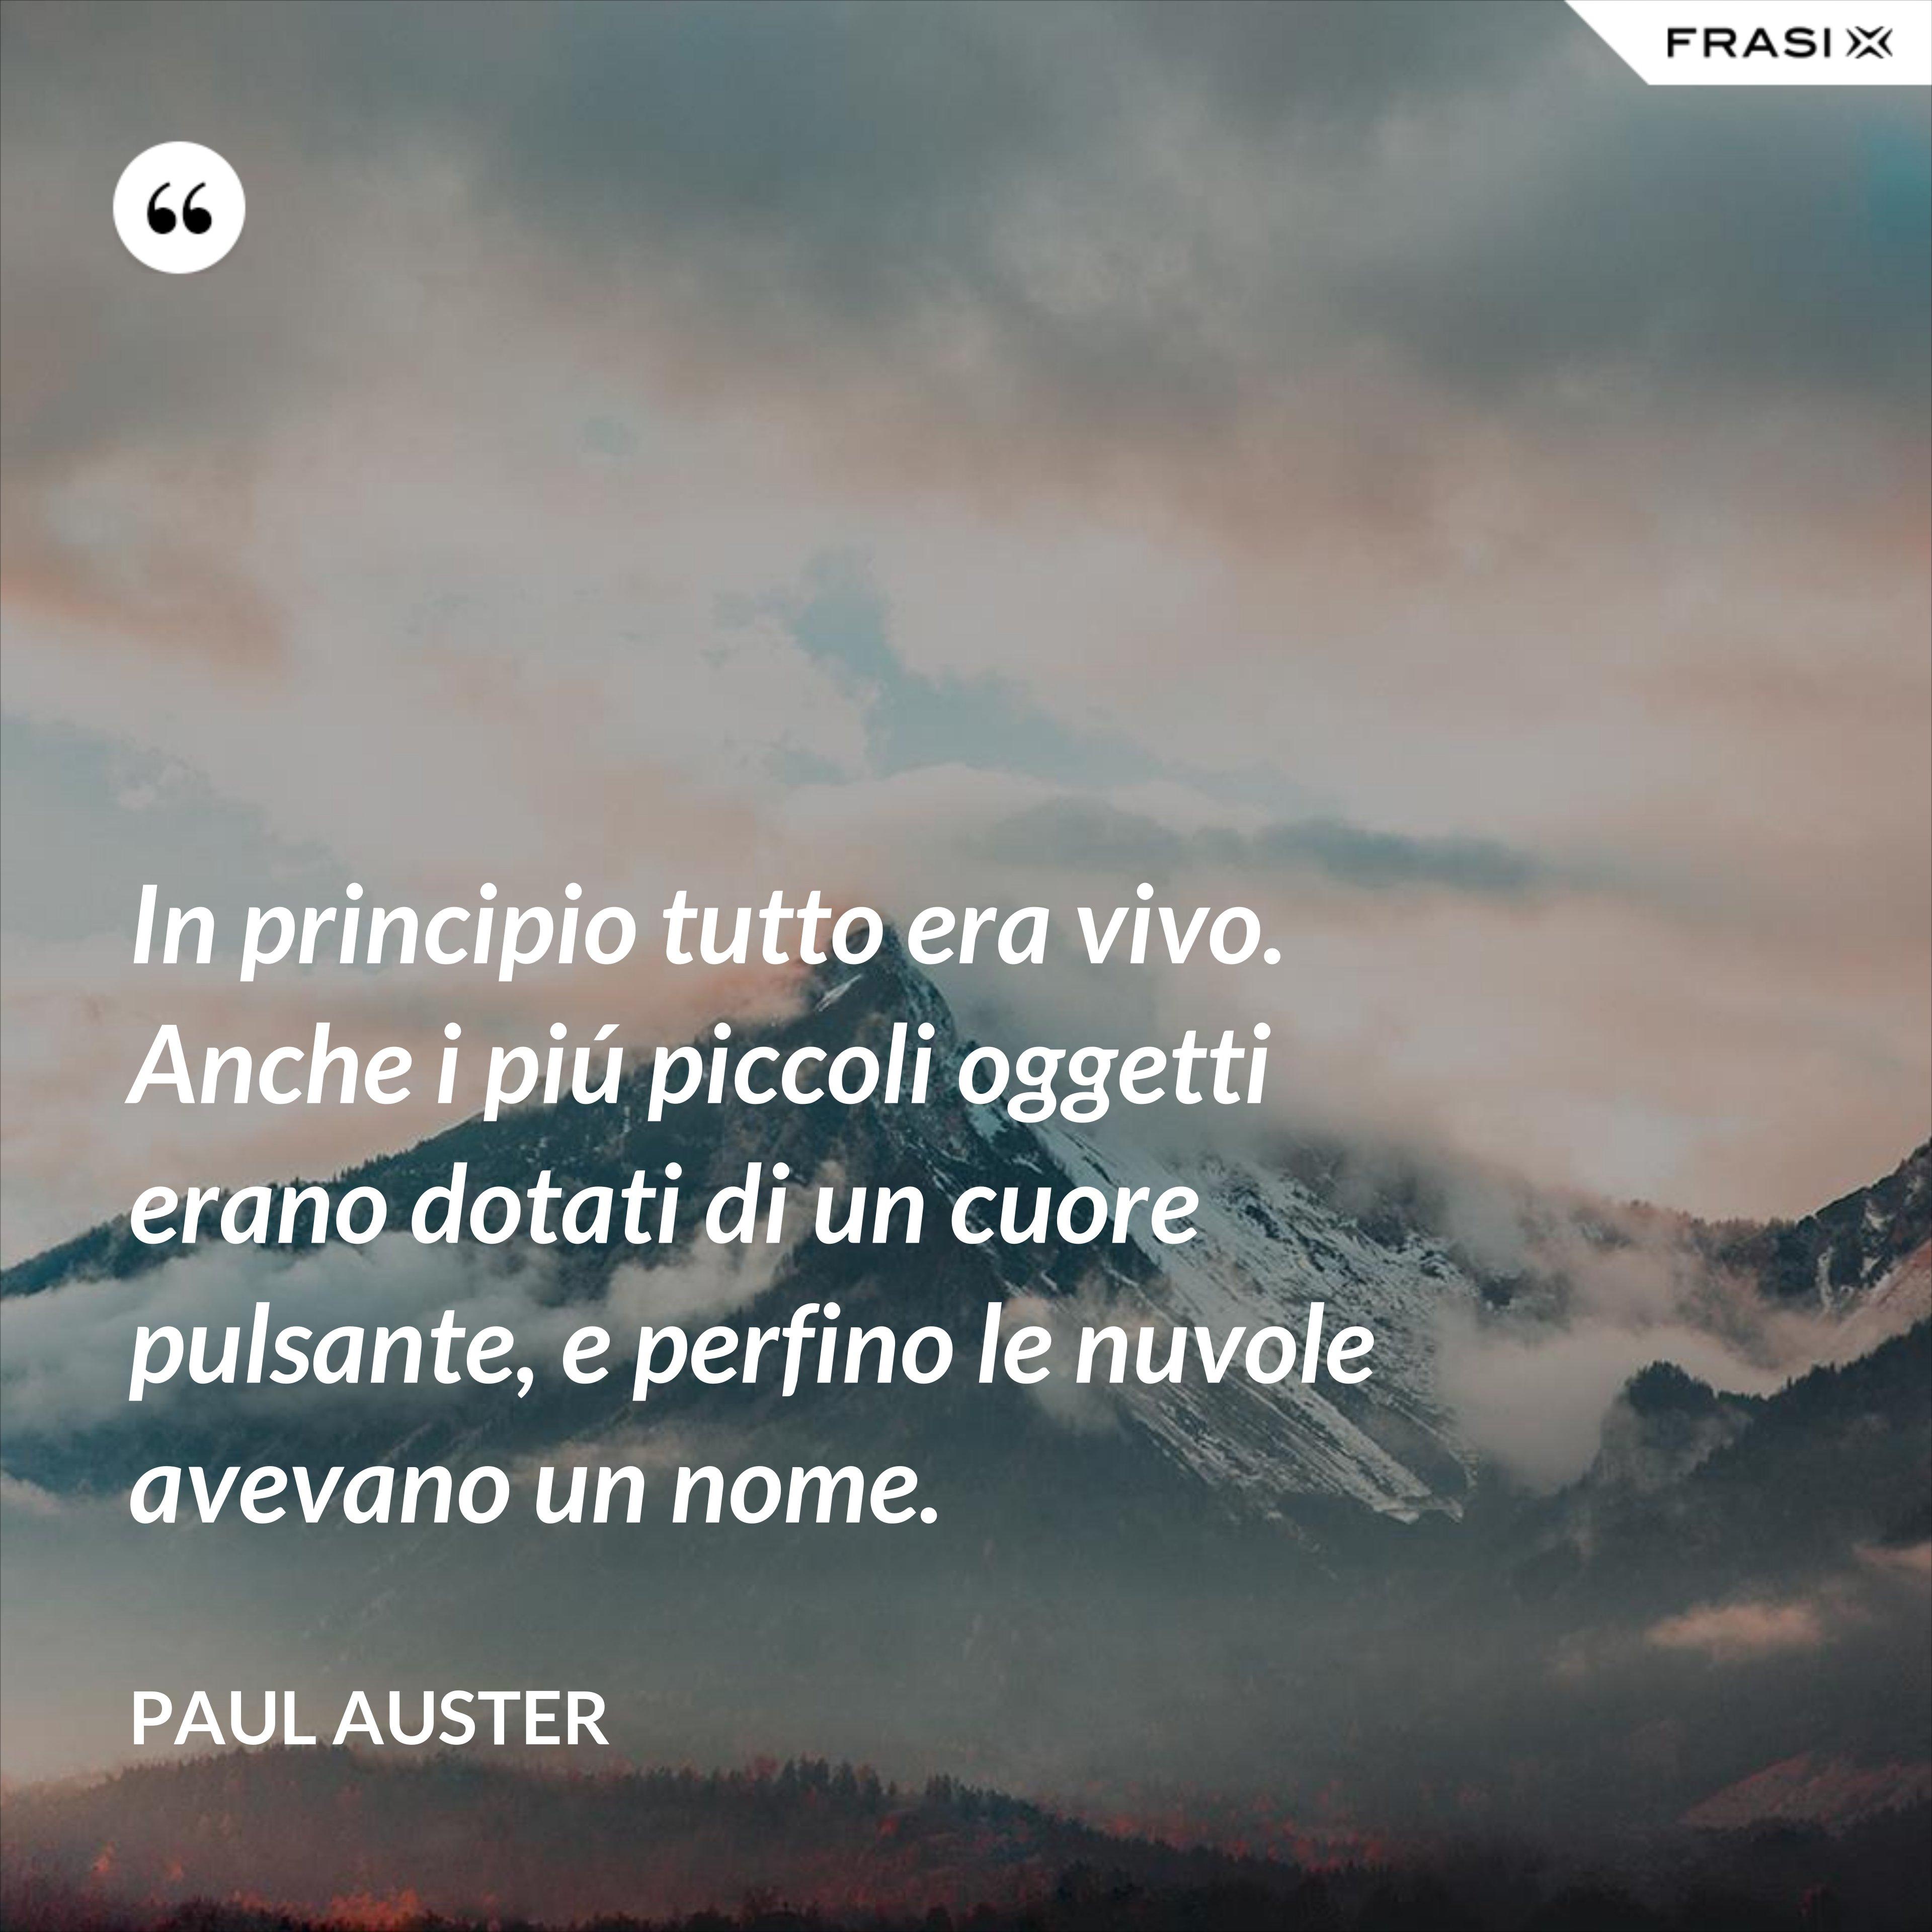 In principio tutto era vivo. Anche i piú piccoli oggetti erano dotati di un cuore pulsante, e perfino le nuvole avevano un nome. - Paul Auster